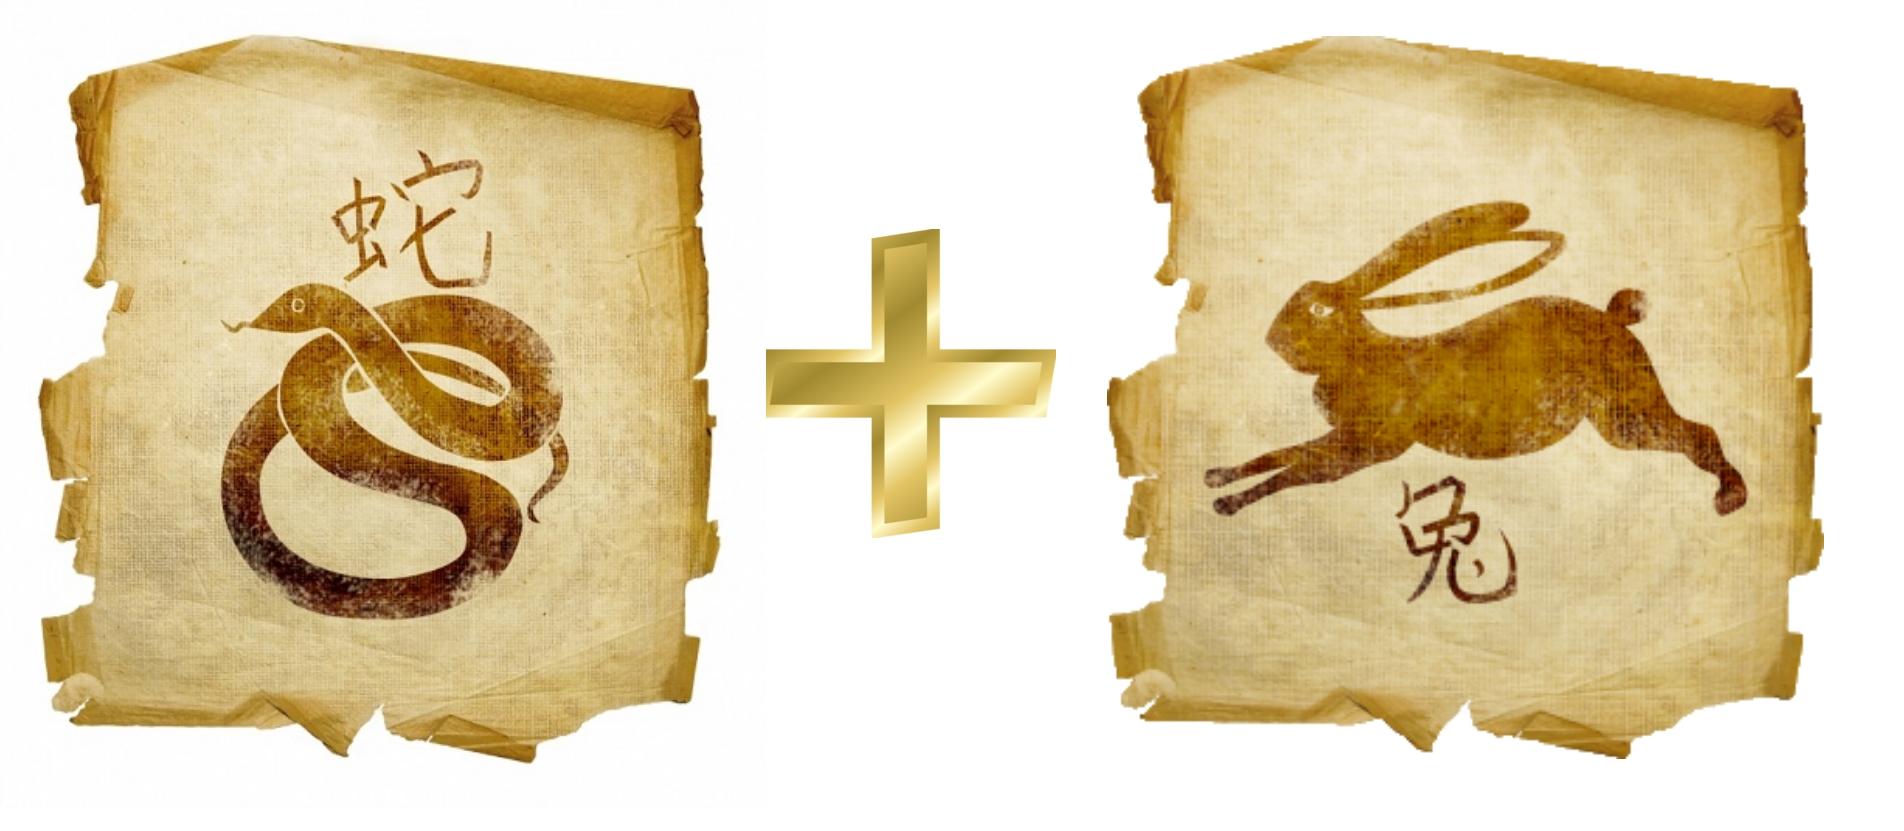 Змея и Кролик, Заяц, Кот: гороскоп совместимости в любви